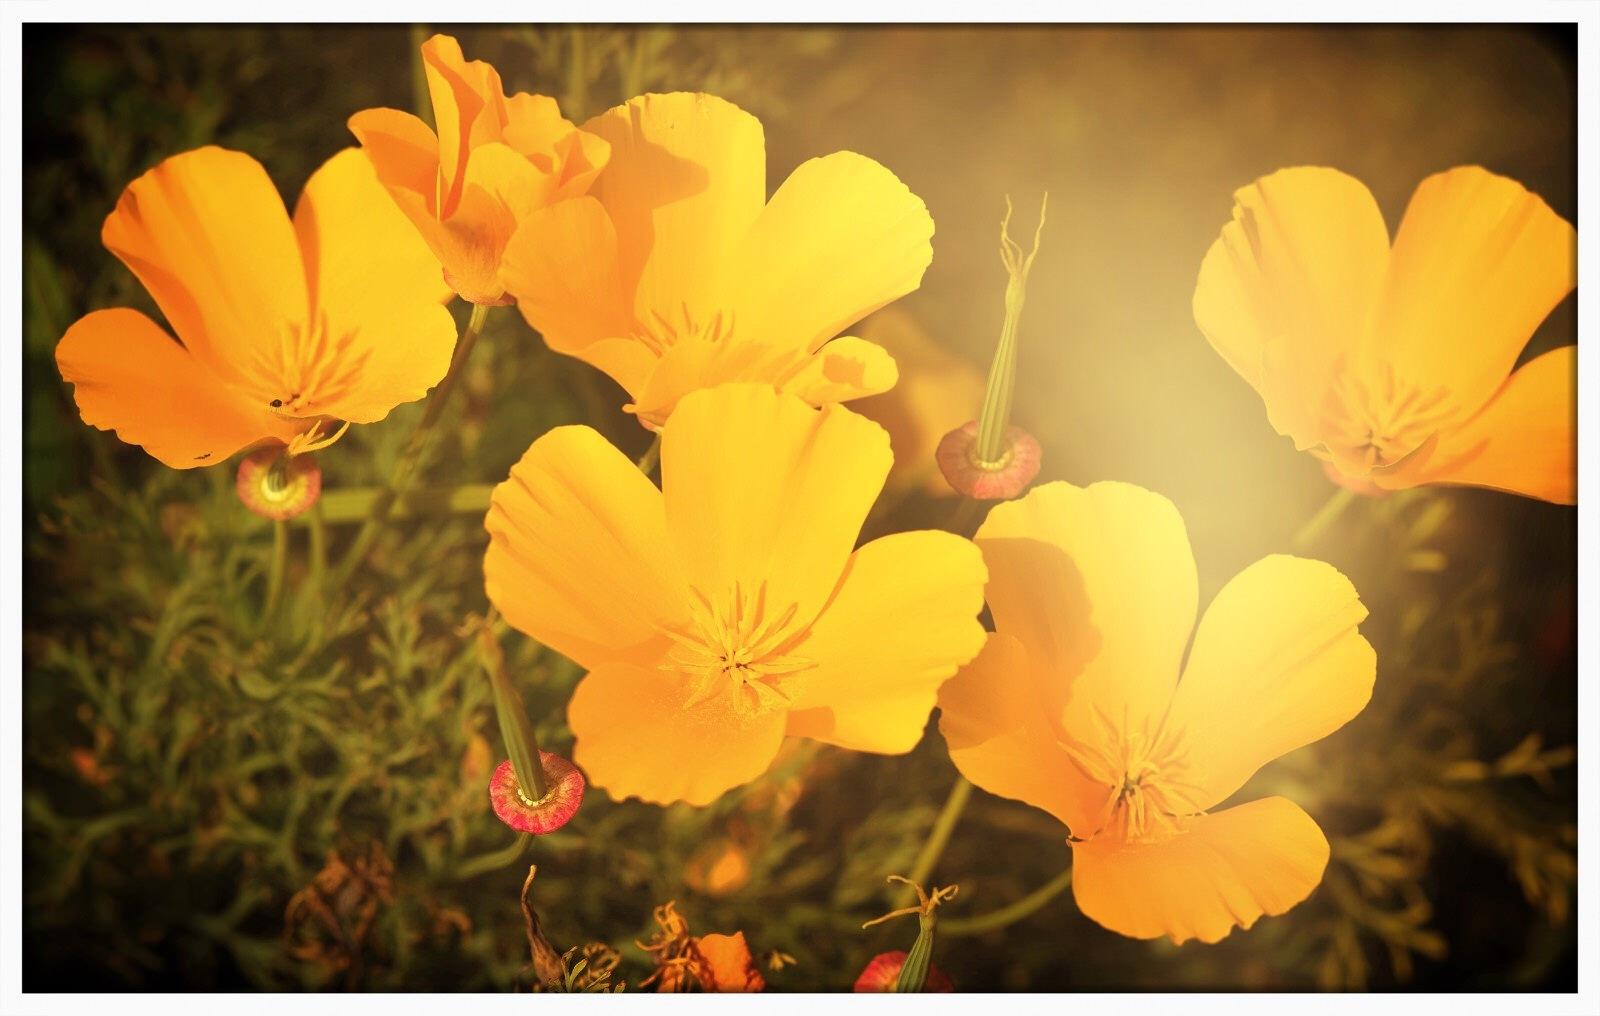 Autumn sun  by Diana